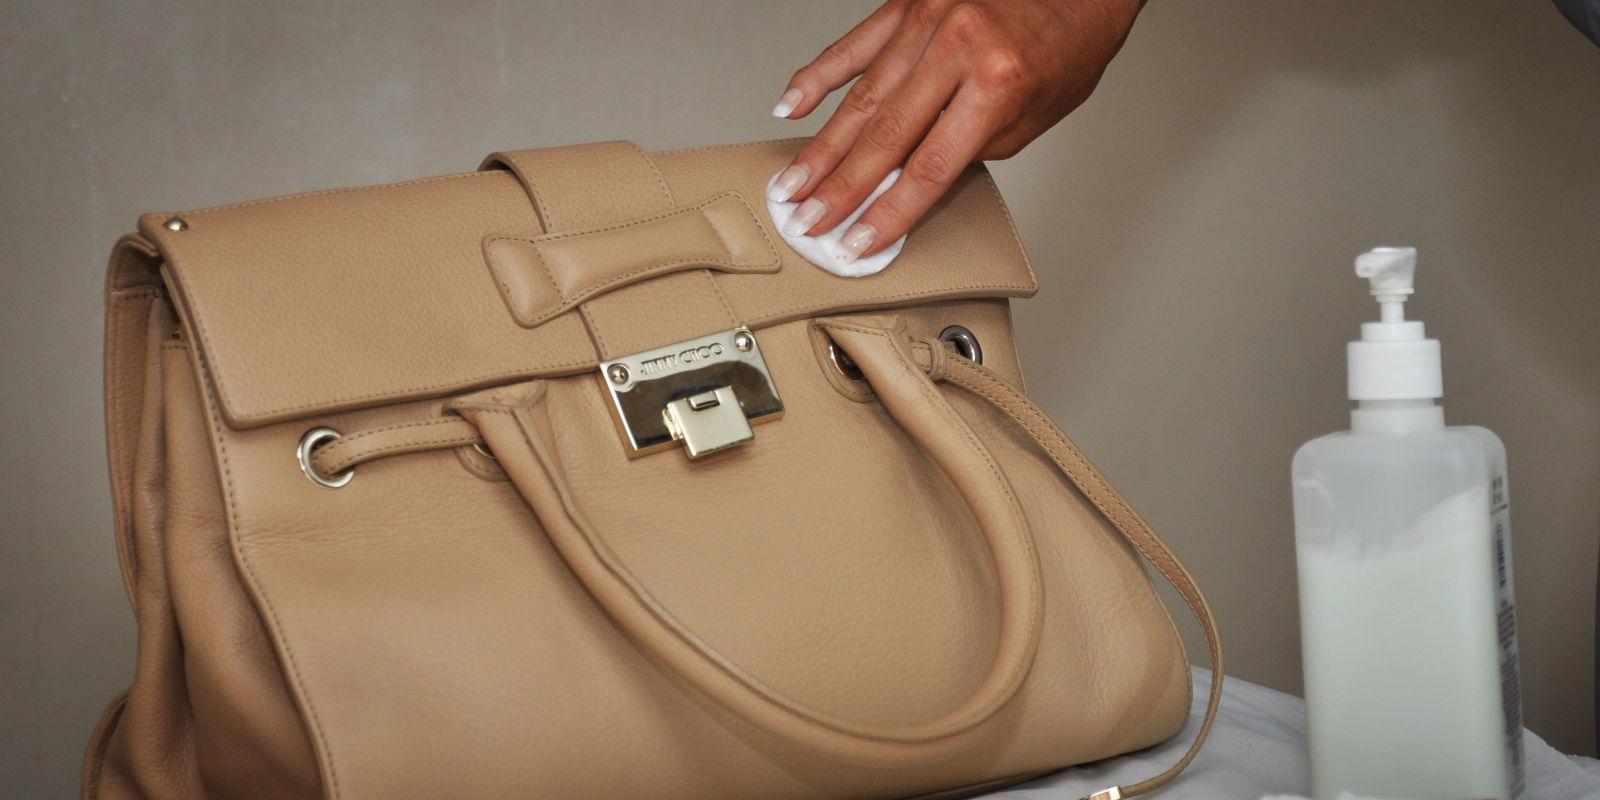 Macchie Di Unto Sulla Pelle 20 trucchi indispensabili per pulire le vostre borse in